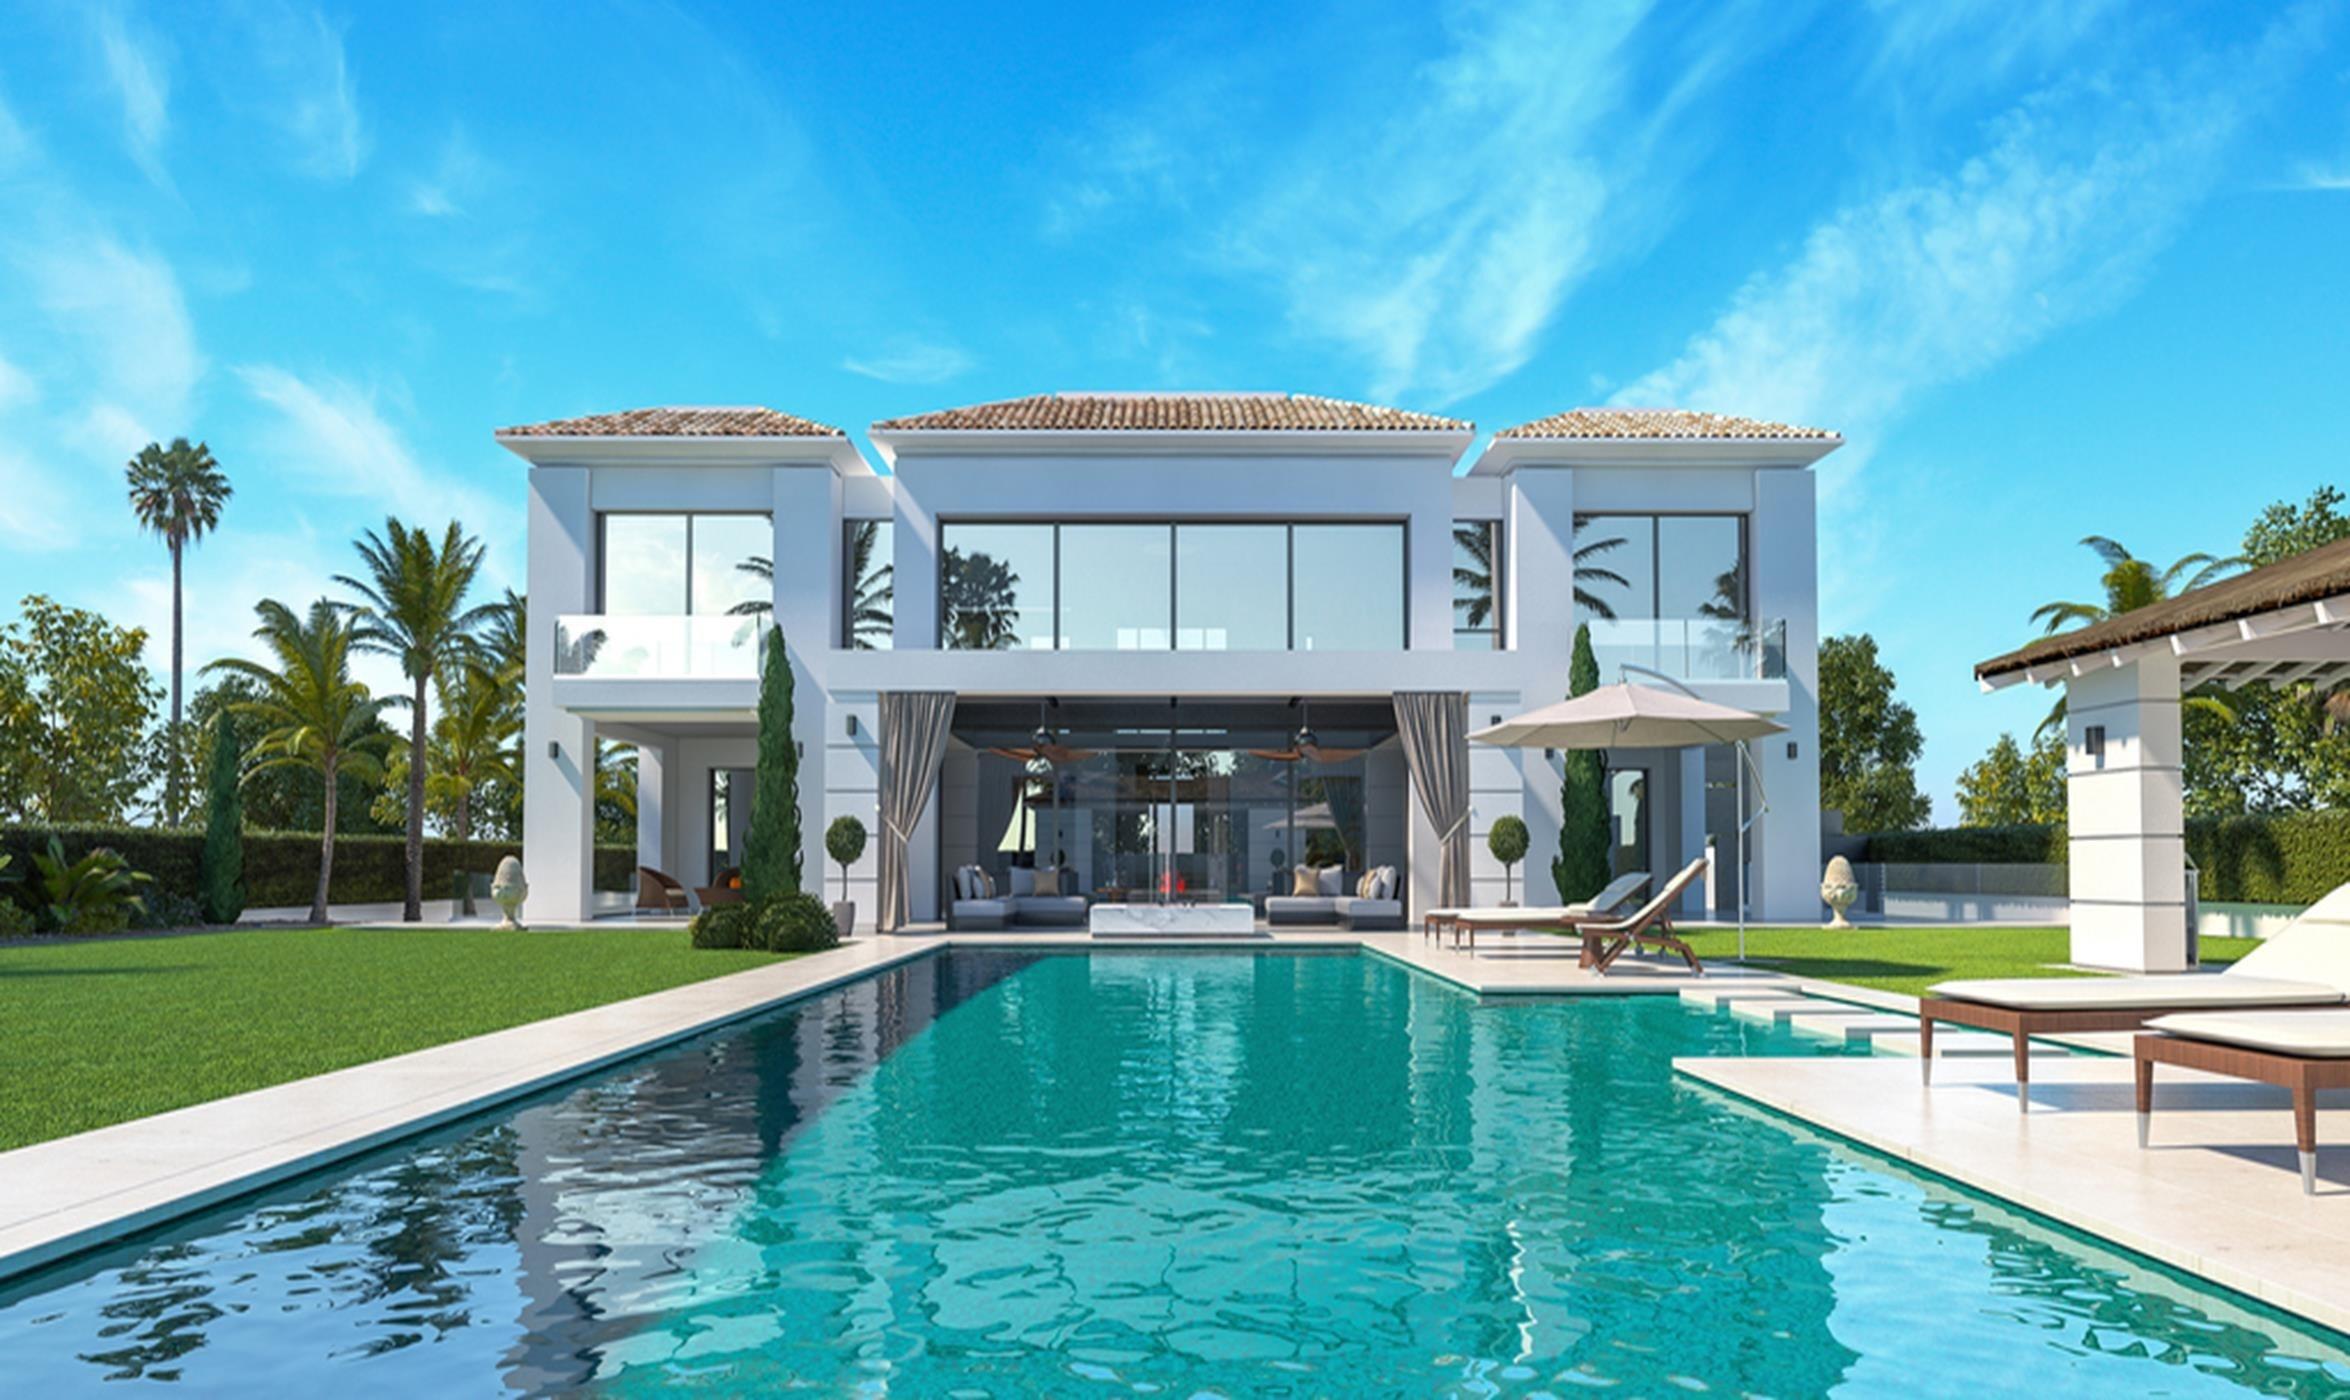 Villa moderna en Casasola, Marbella.